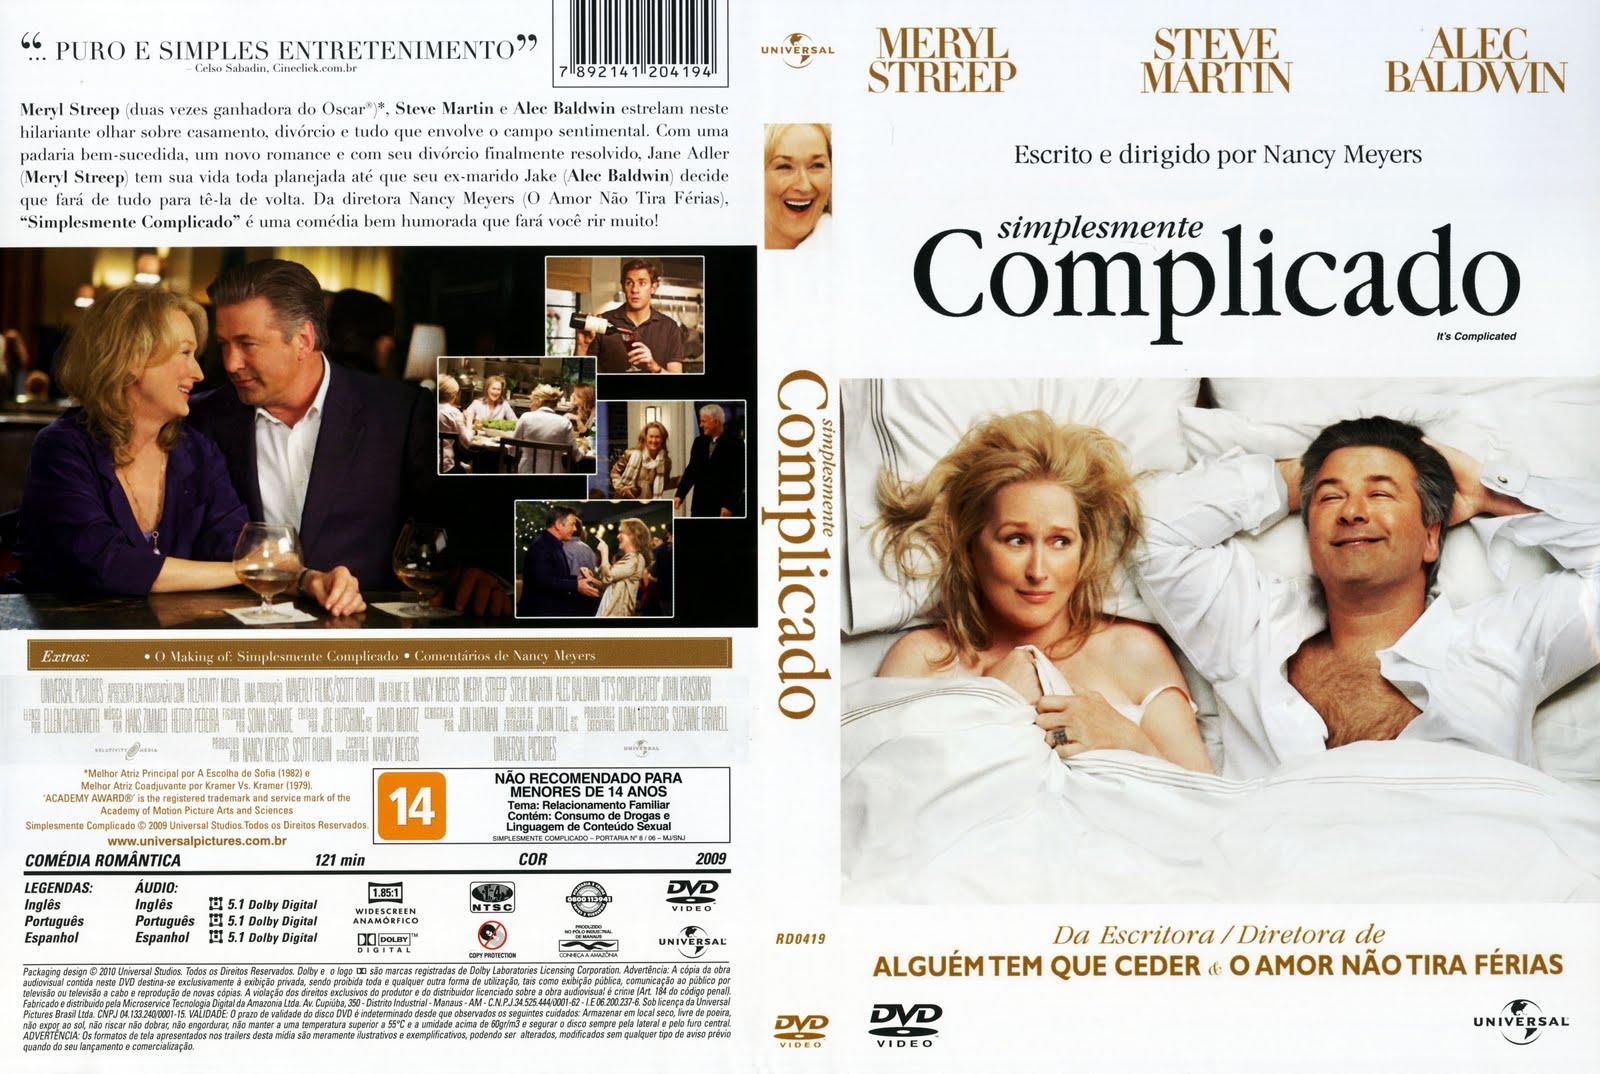 http://3.bp.blogspot.com/_avx0CDv74_c/TERa4xT9M7I/AAAAAAAAALc/dYuRVNfBmrc/s1600/Simplesmente+Complicado.jpg